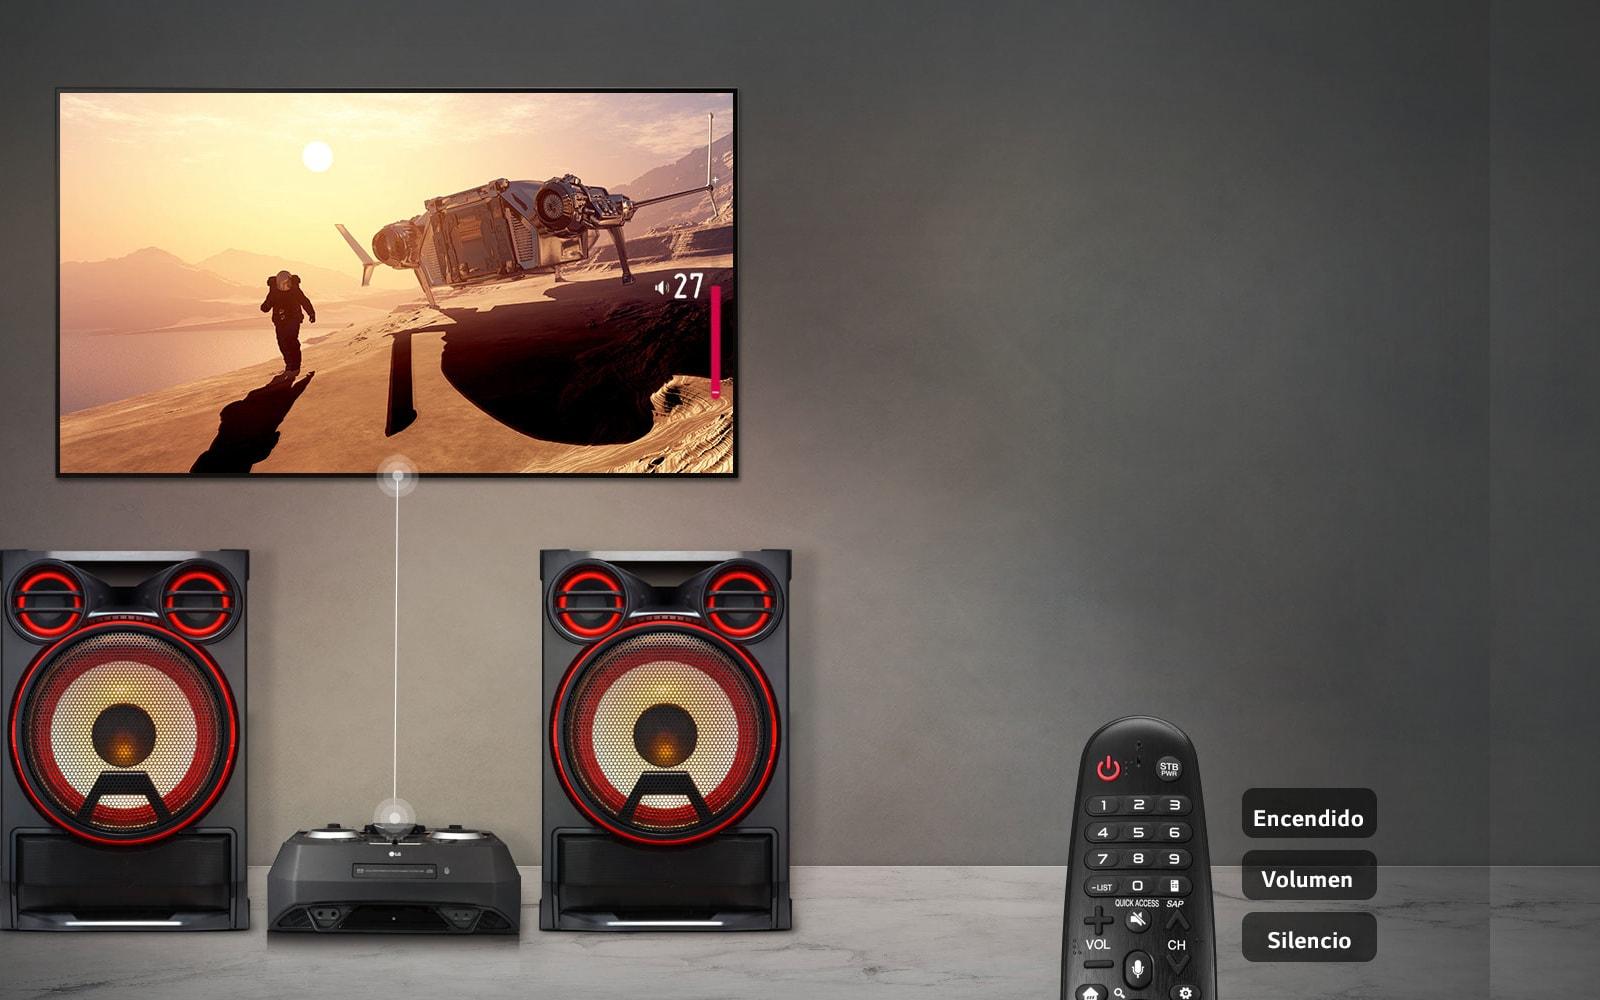 Sincronización de sonido de TV <br> 1